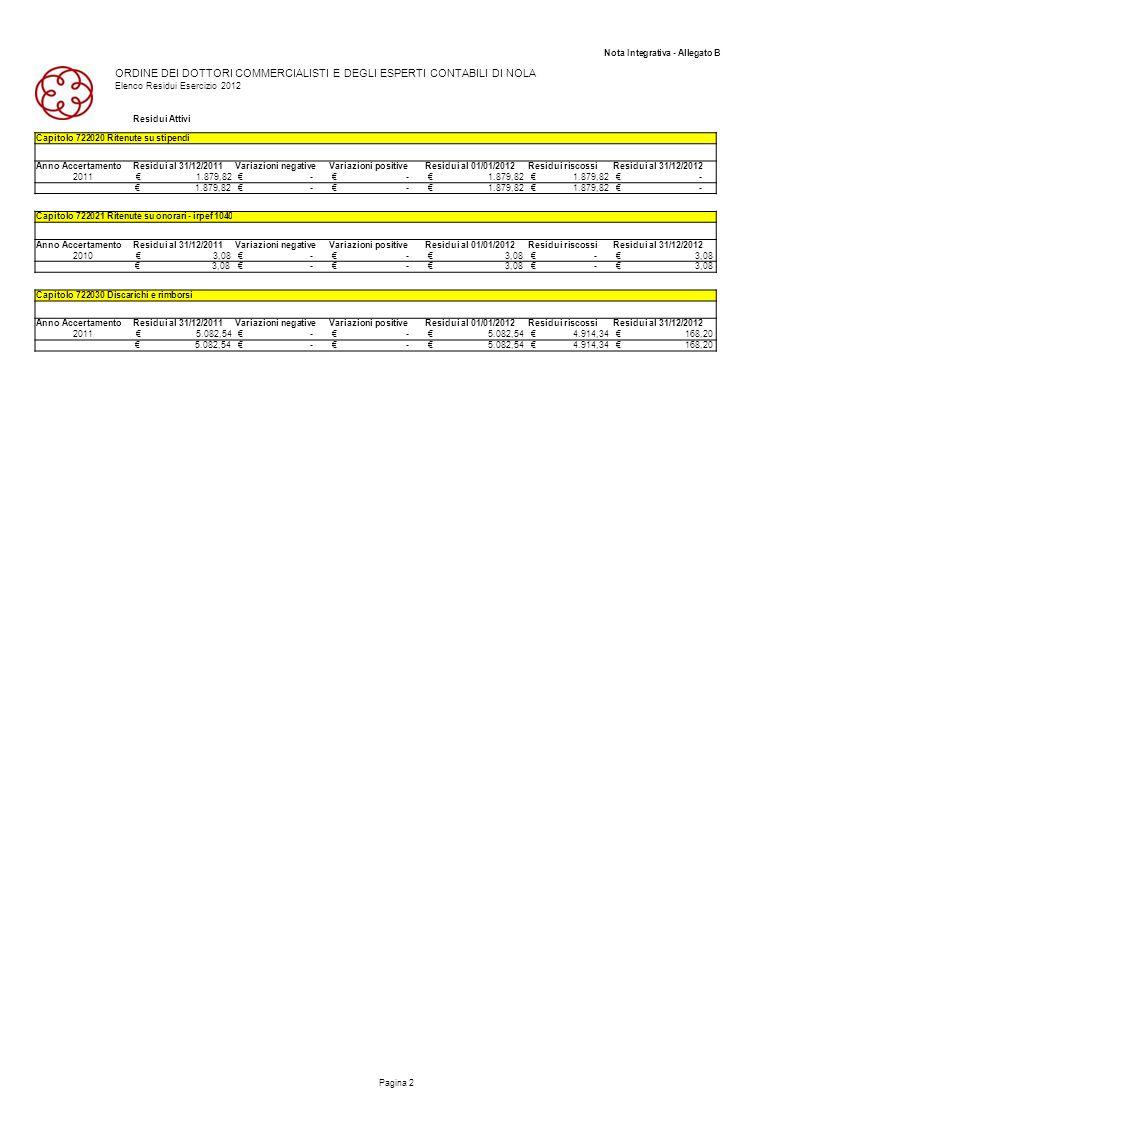 Nota Integrativa - Allegato B ORDINE DEI DOTTORI COMMERCIALISTI E DEGLI ESPERTI CONTABILI DI NOLA Elenco Residui Esercizio 2012 Residui Attivi Pagina